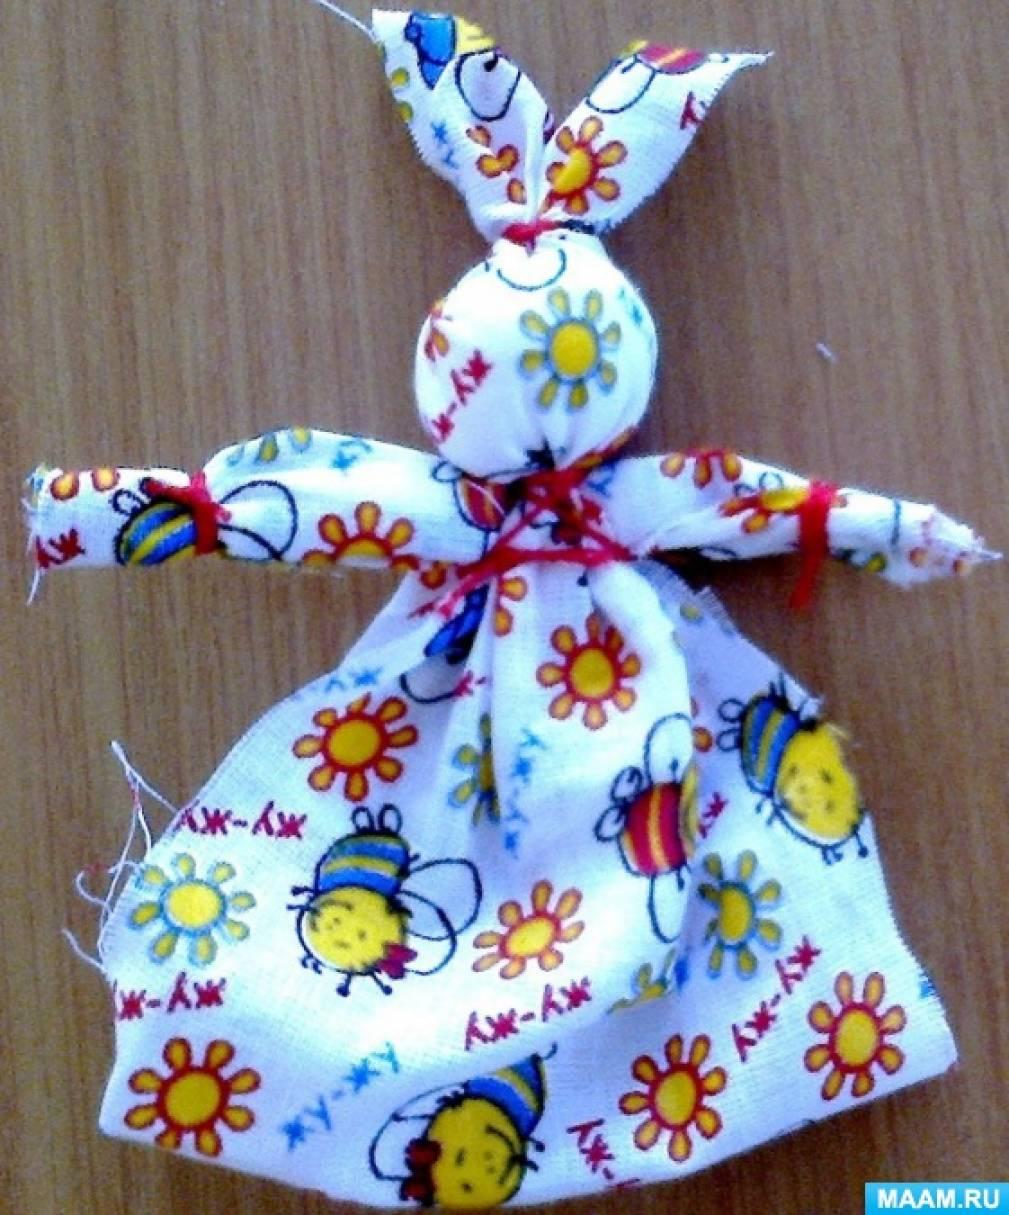 Мастер-класс по изготовлению куклы-оберега «Зайчик на пальчик»